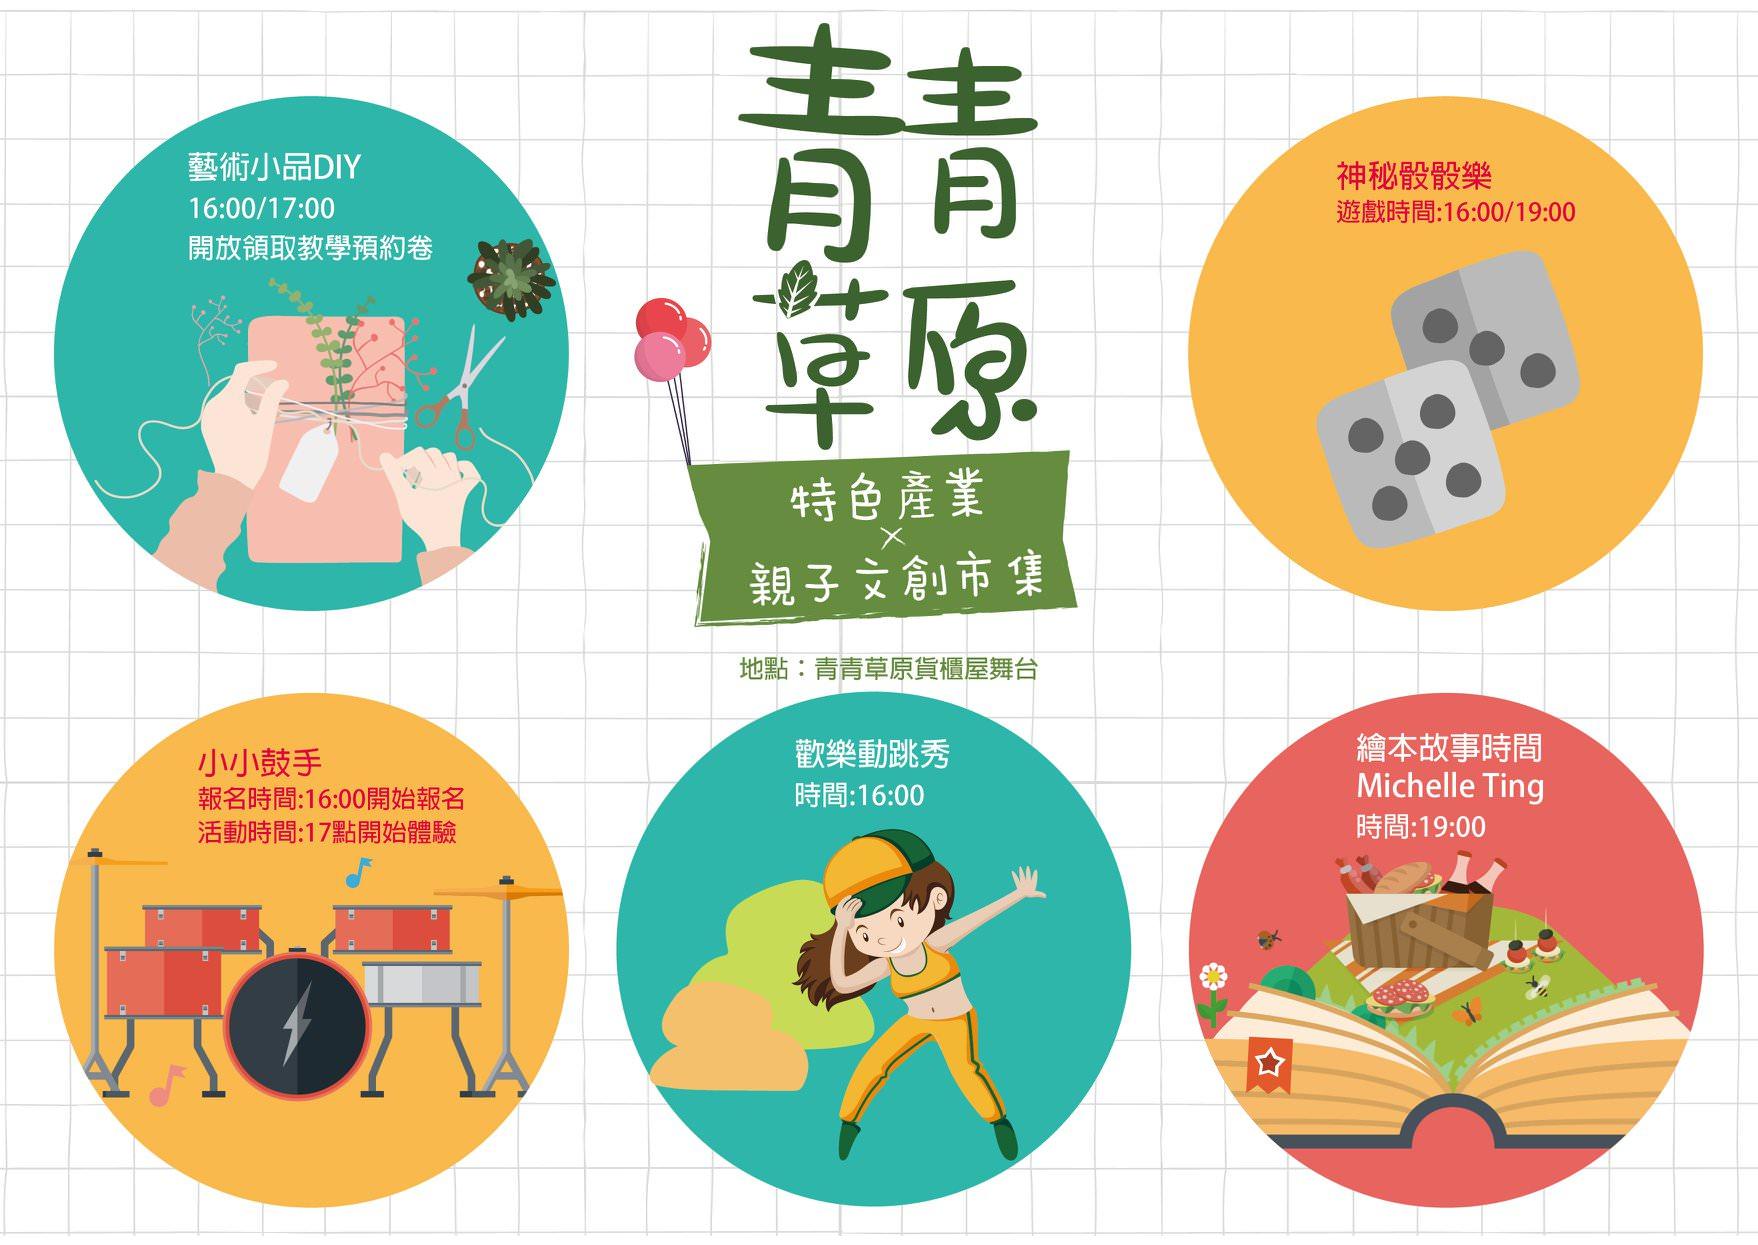 新竹旅遊景點青青草原,18日、19日連兩天舉辦野餐音樂節!順便來玩最長磨石子溜滑梯